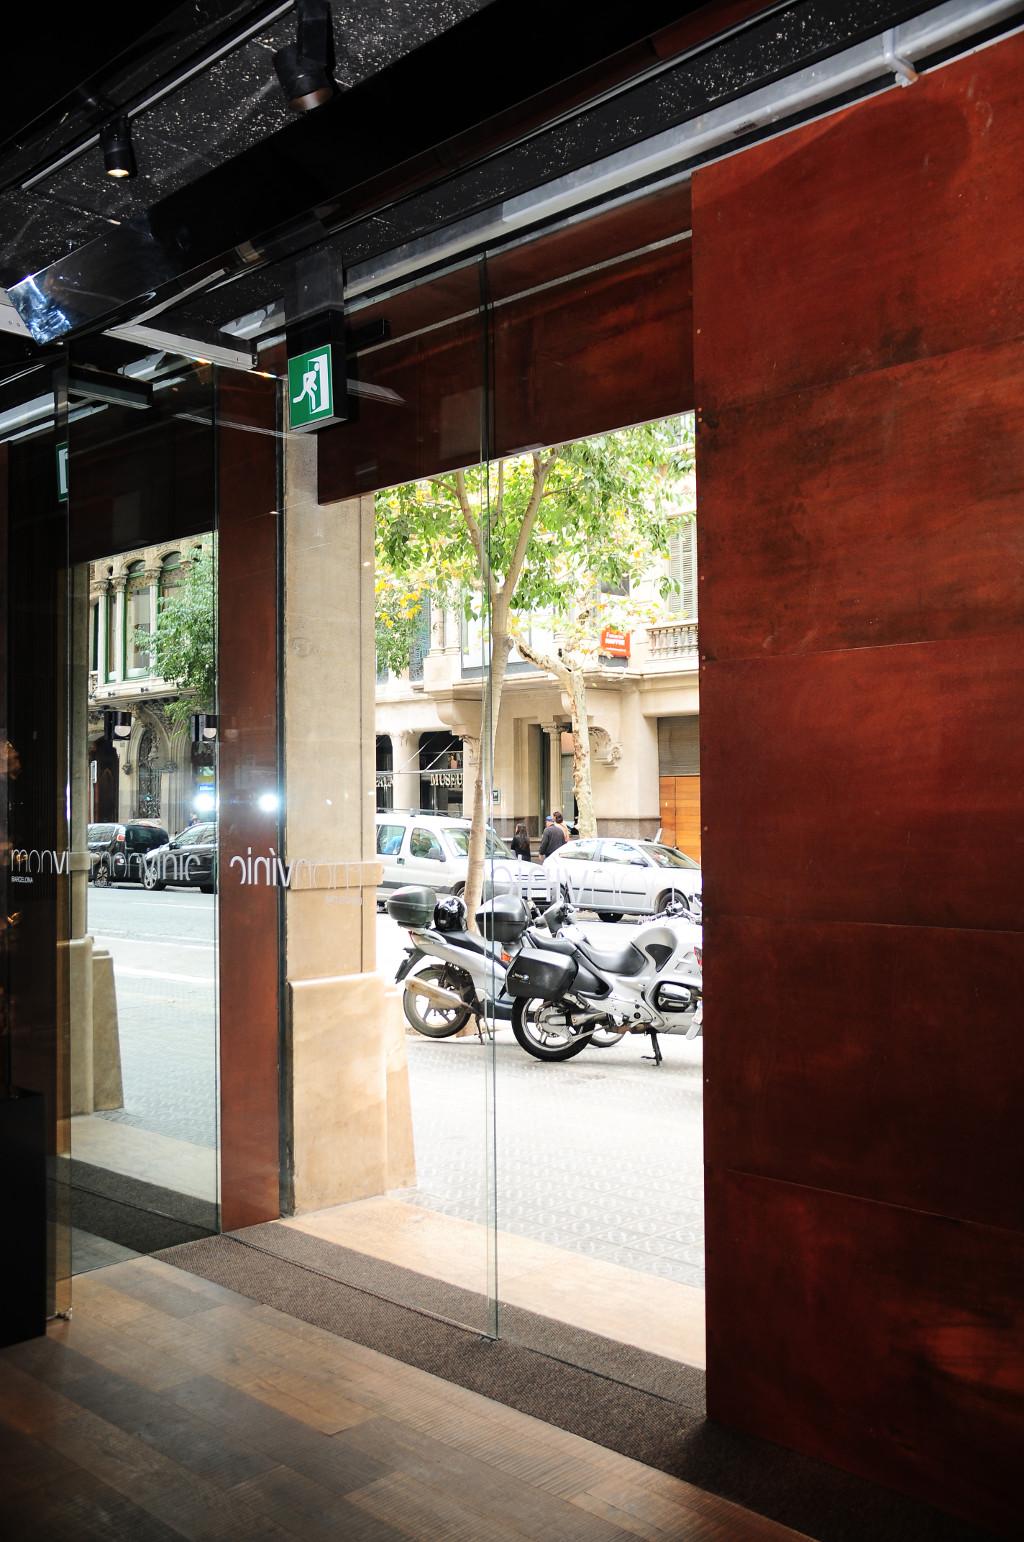 Maspaso puertas autom ticas y autom tismos para puertas for Automatismos para puertas